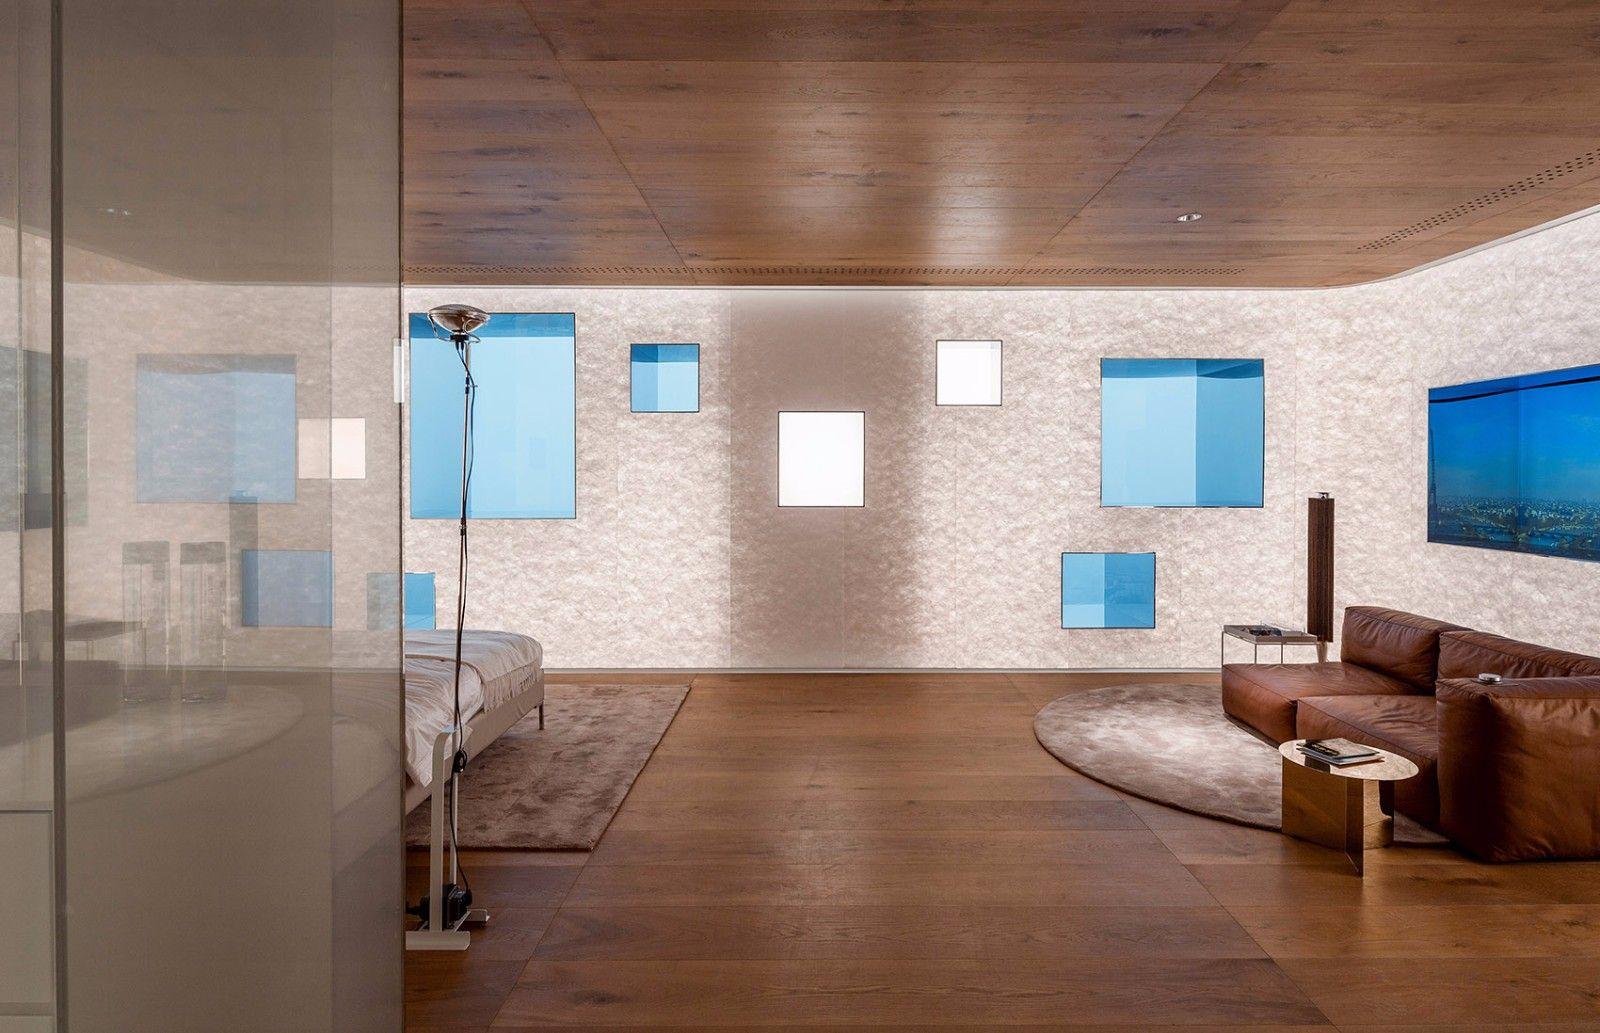 新作 | SODA建筑师事务所:北京 无界客房